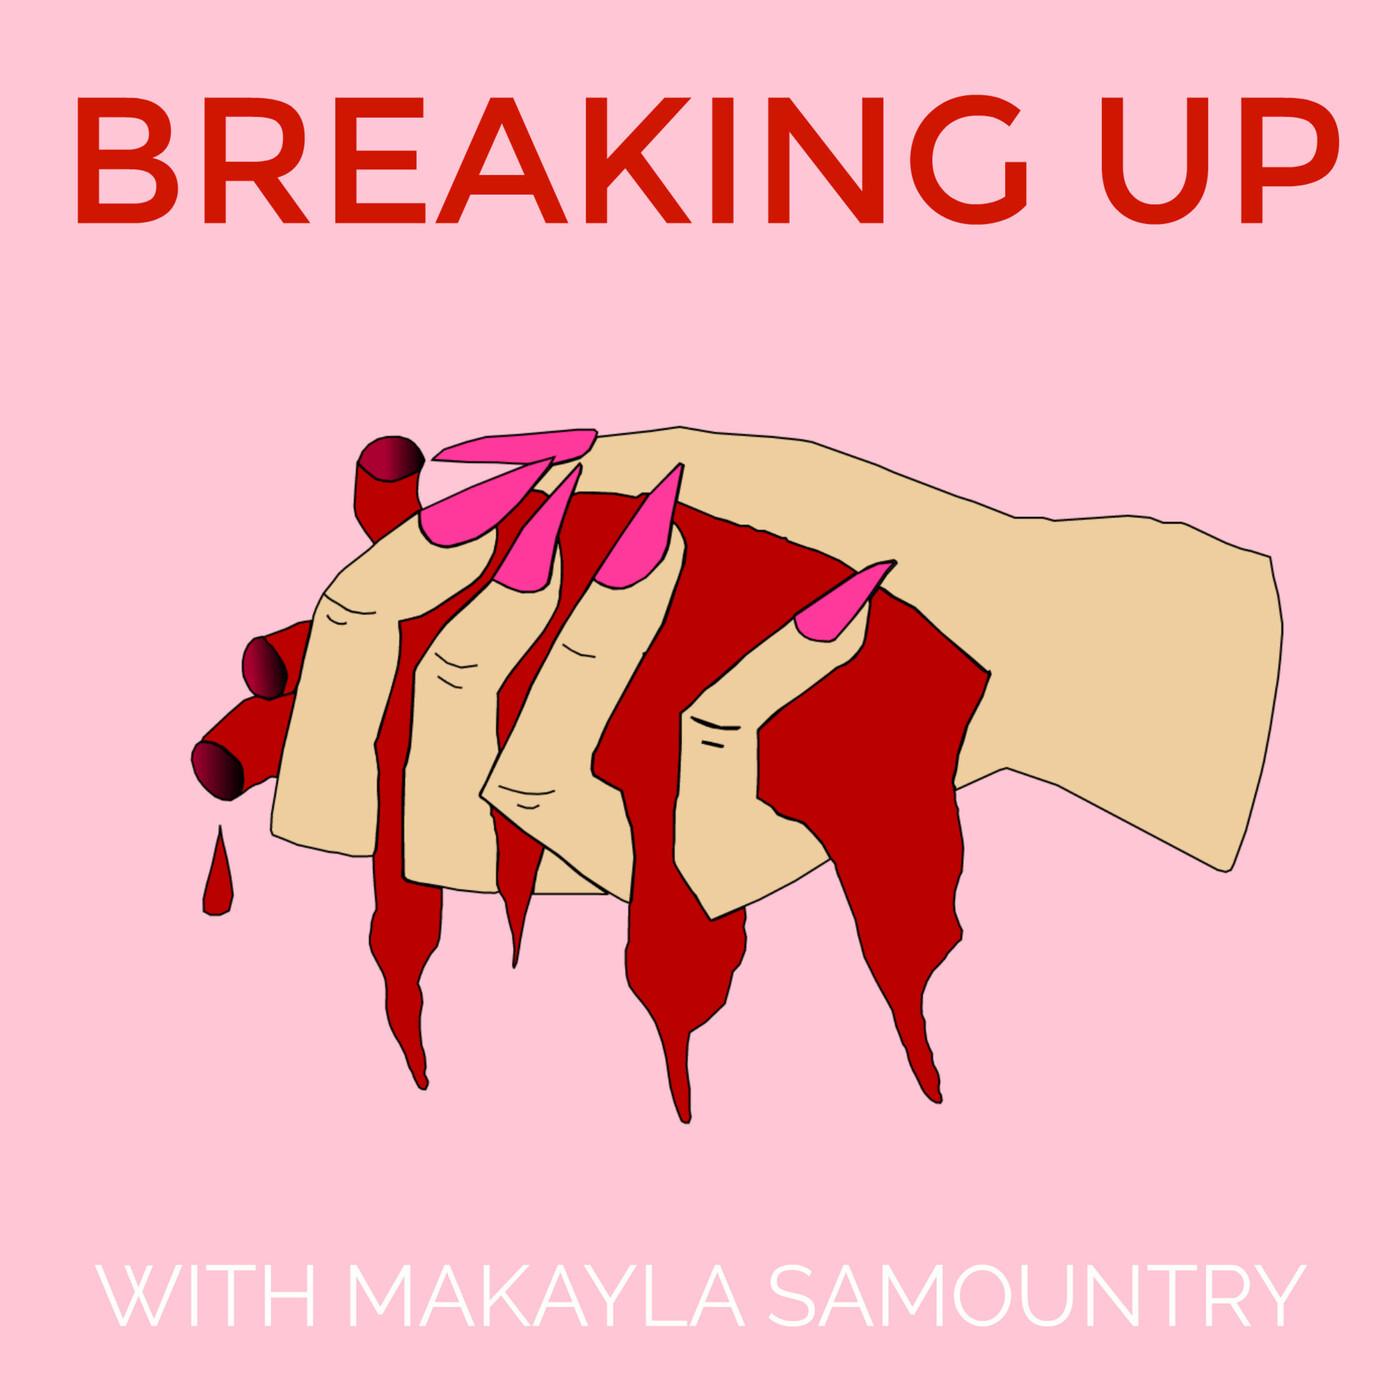 Makayla Samountry